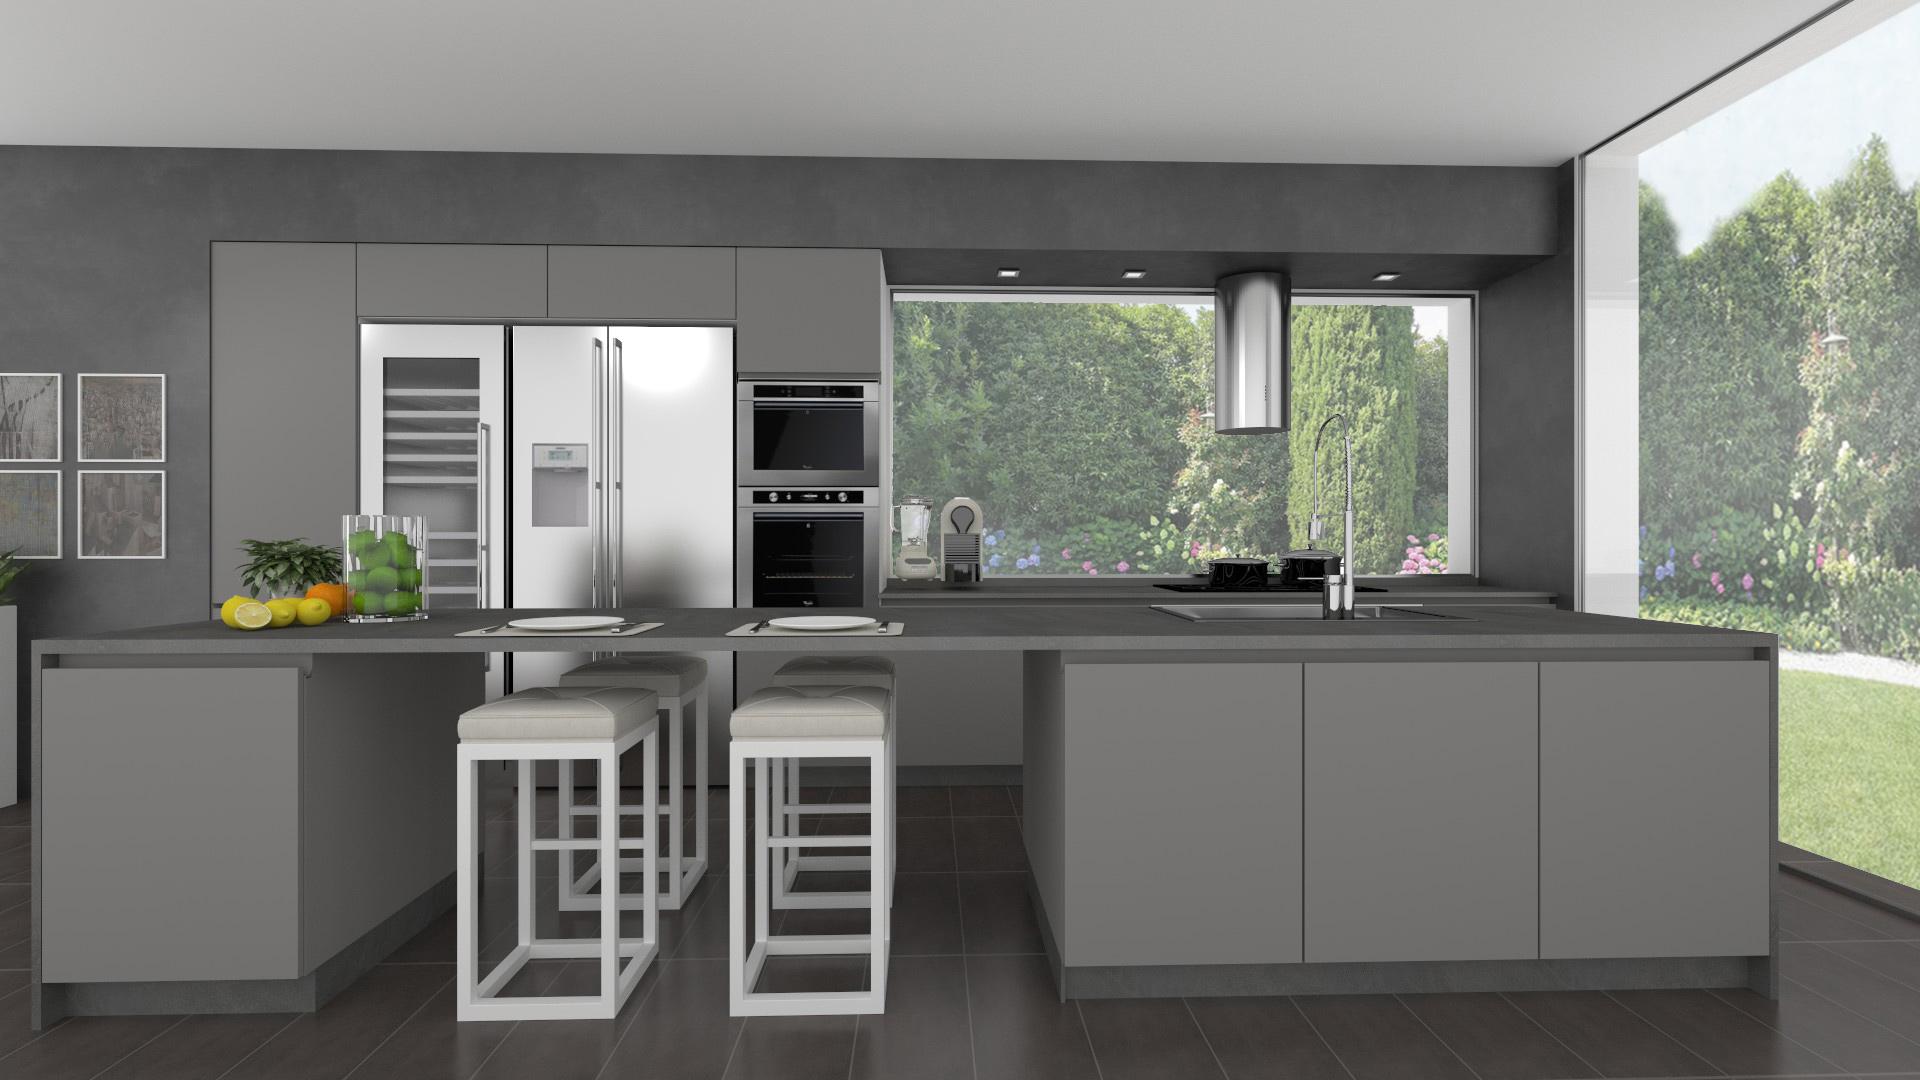 Cucine Su Misura Brescia cucine brescia viem - mobili su misura a brescia